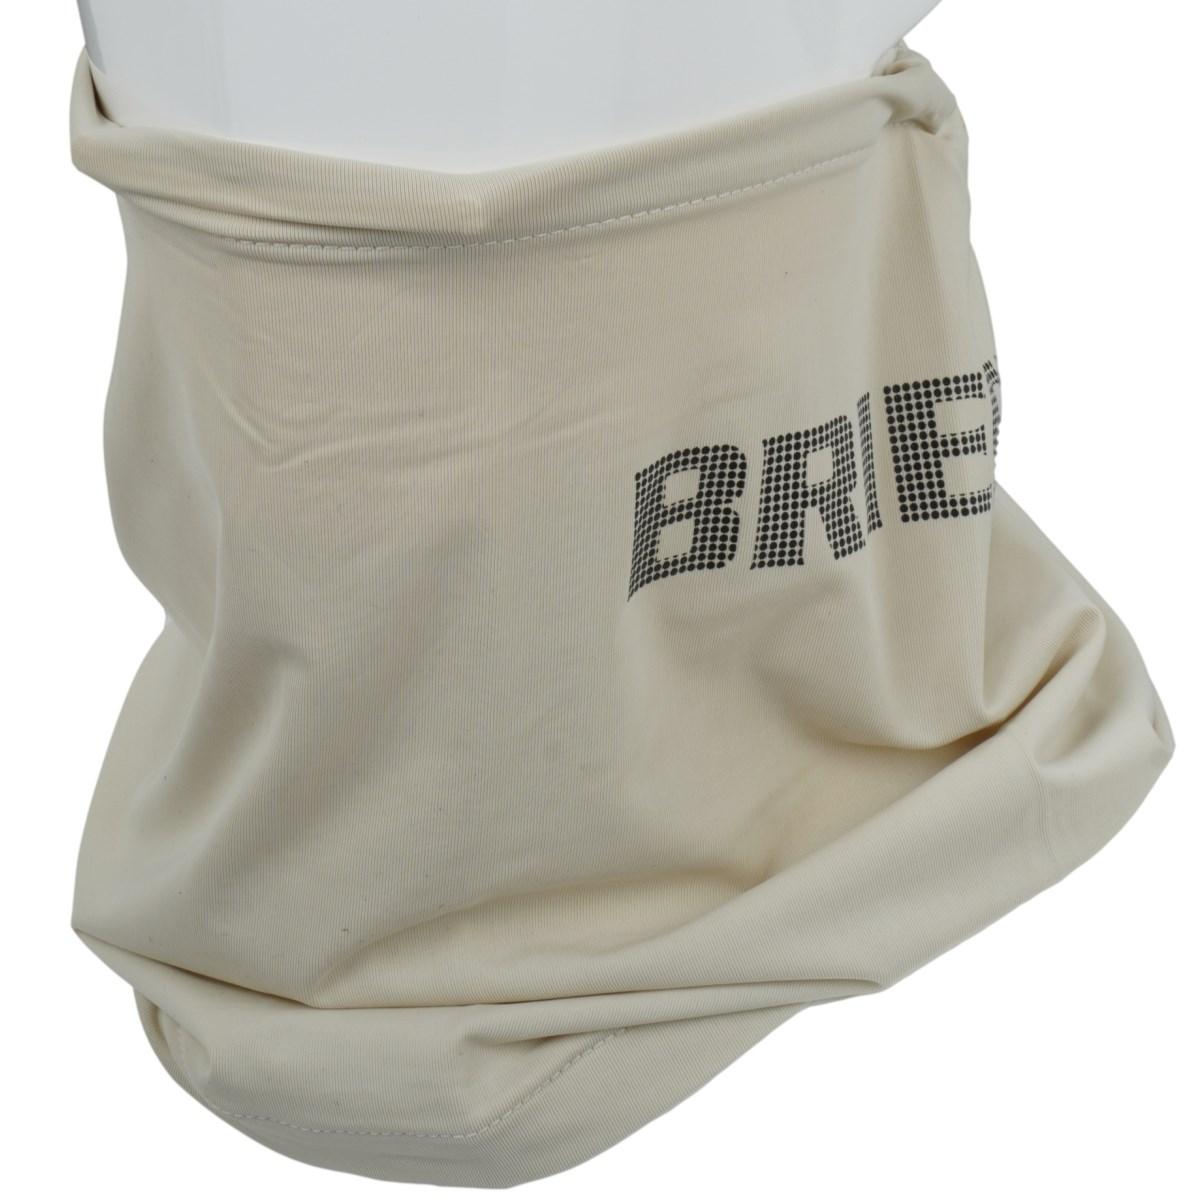 ブリーフィング BRIEFING CORDURA ネックガイザー ベージュ 021